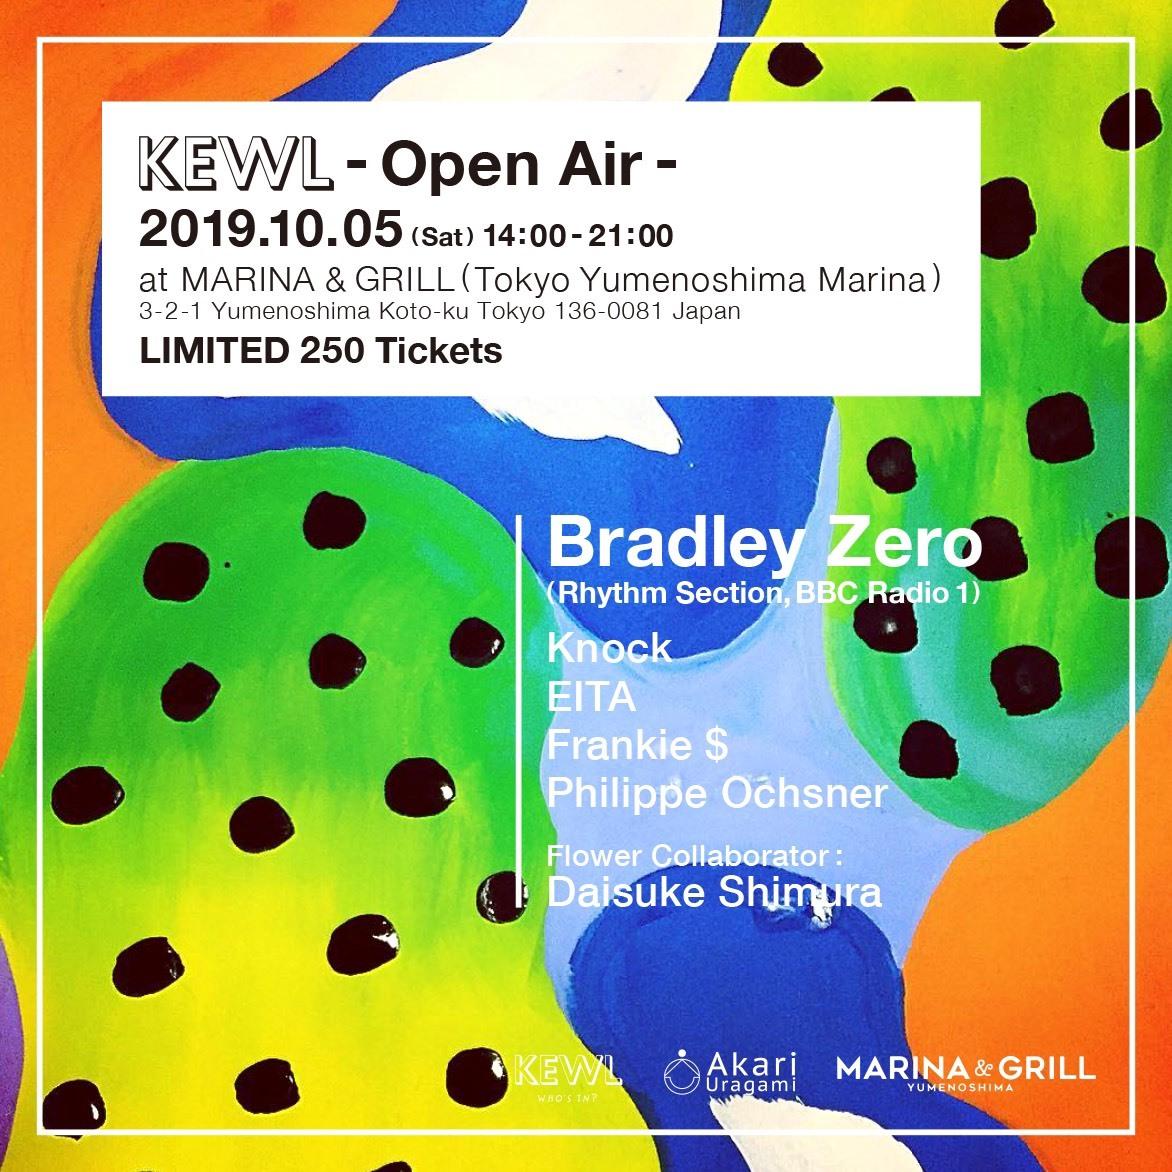 KEWL open air